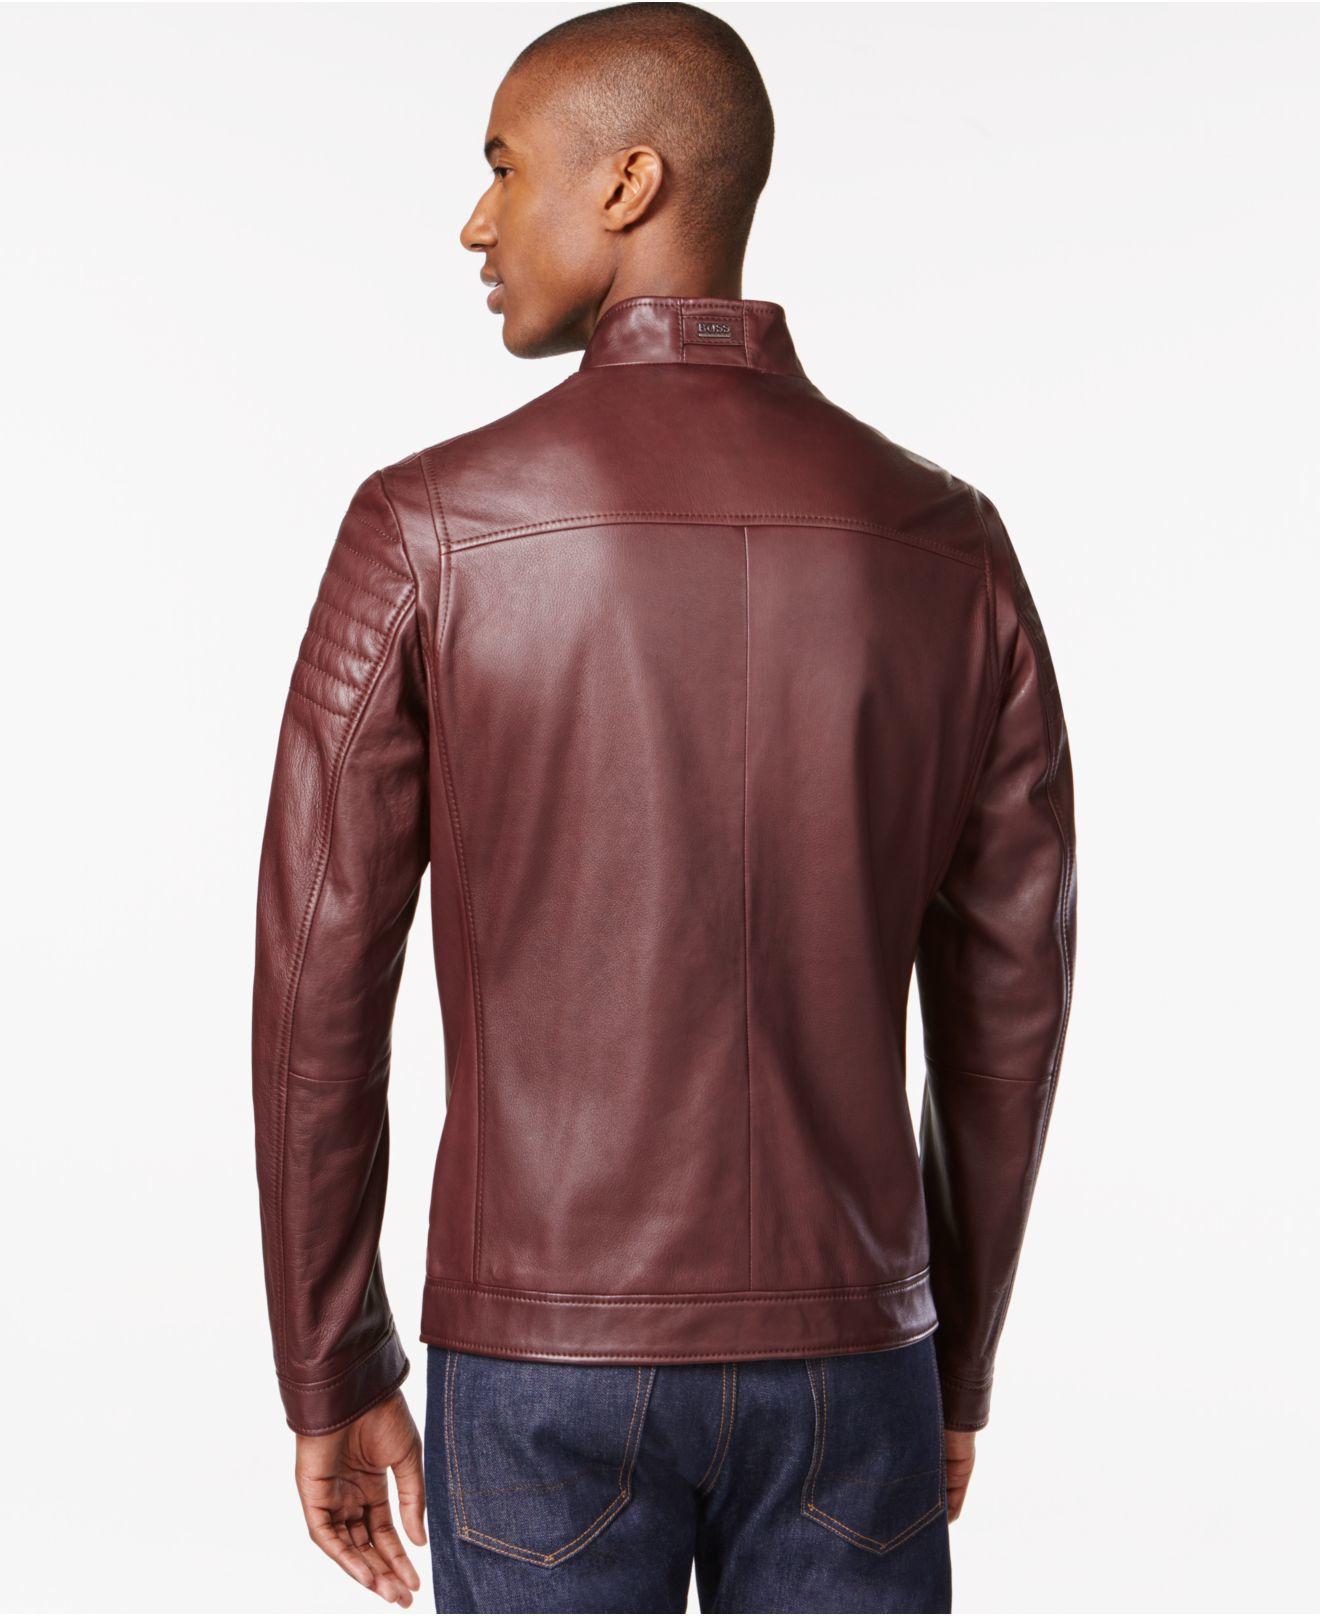 lyst boss boss naquinn lambskin leather jacket in purple. Black Bedroom Furniture Sets. Home Design Ideas